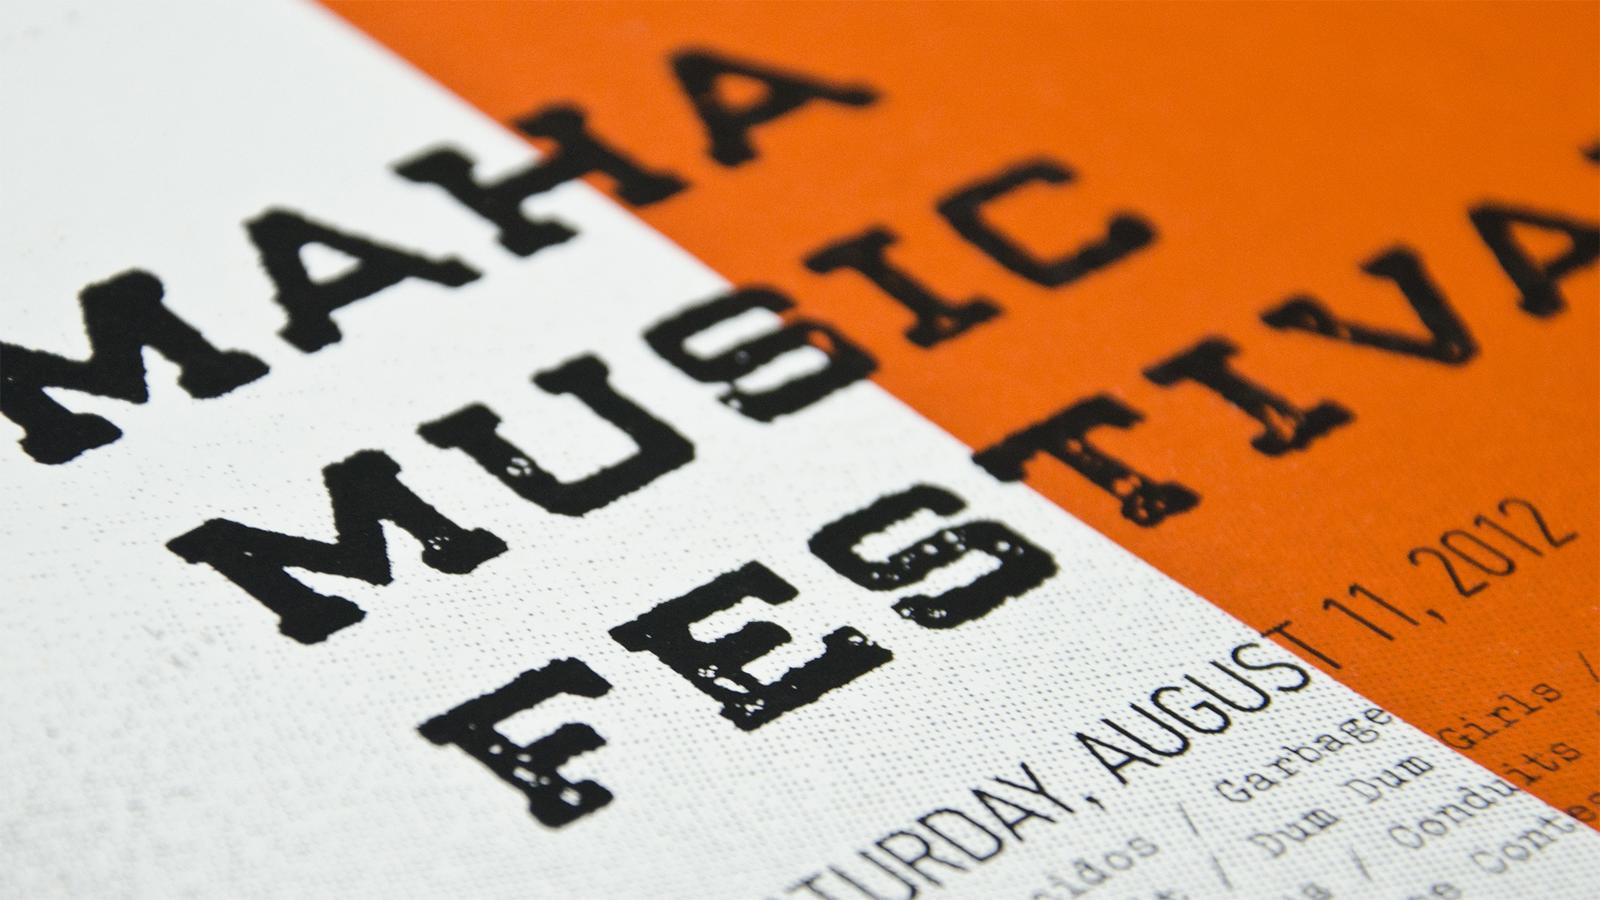 Maha Music Festival Poster